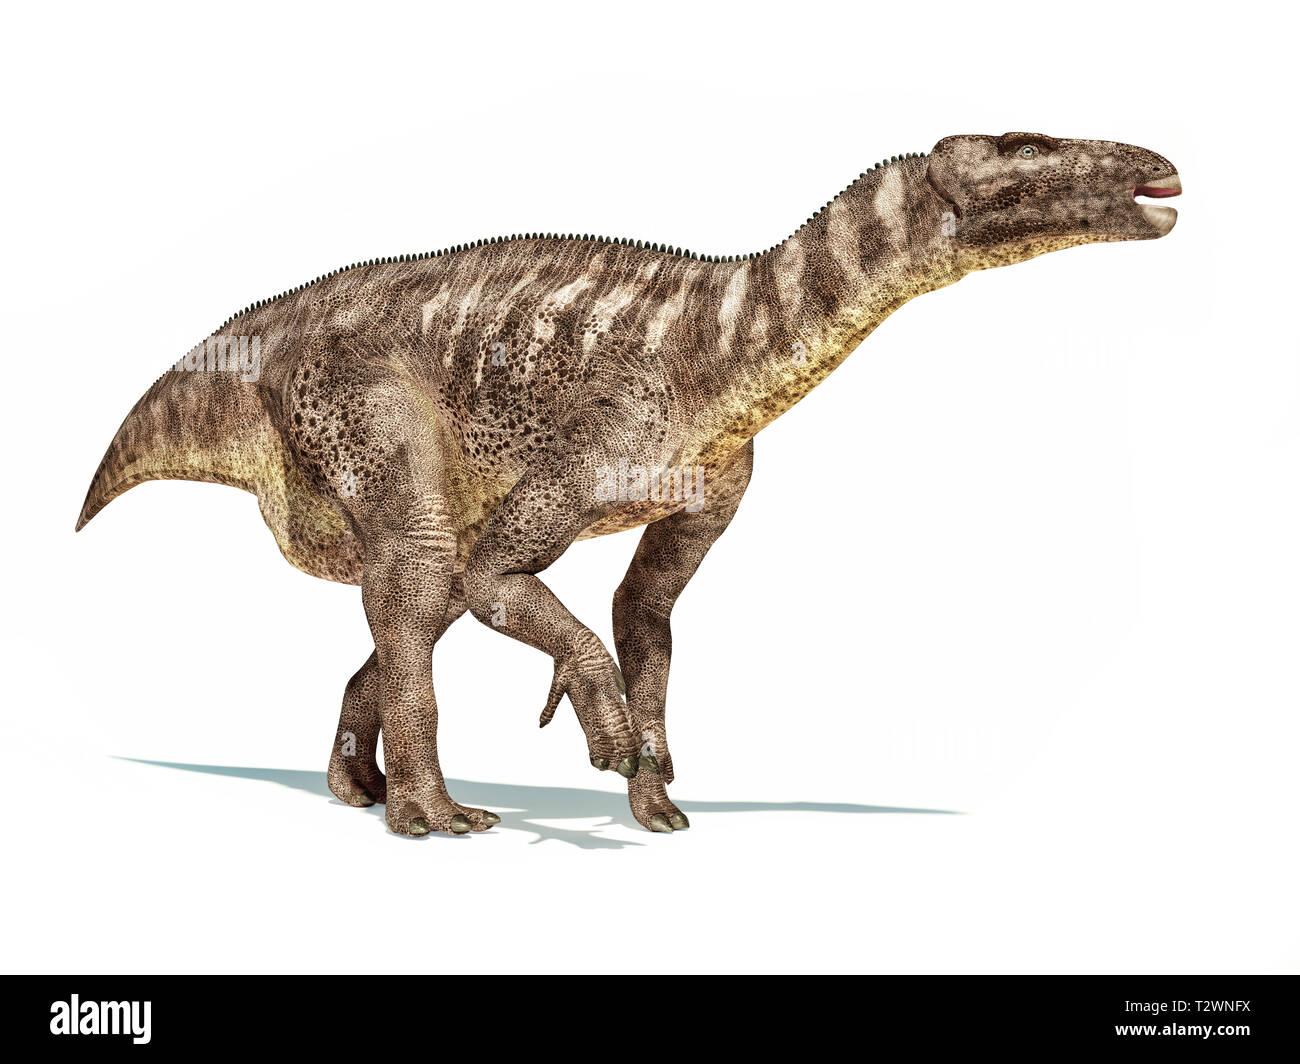 Iguanodon dinosaur isolated on white background with dropped shadow. - Stock Image